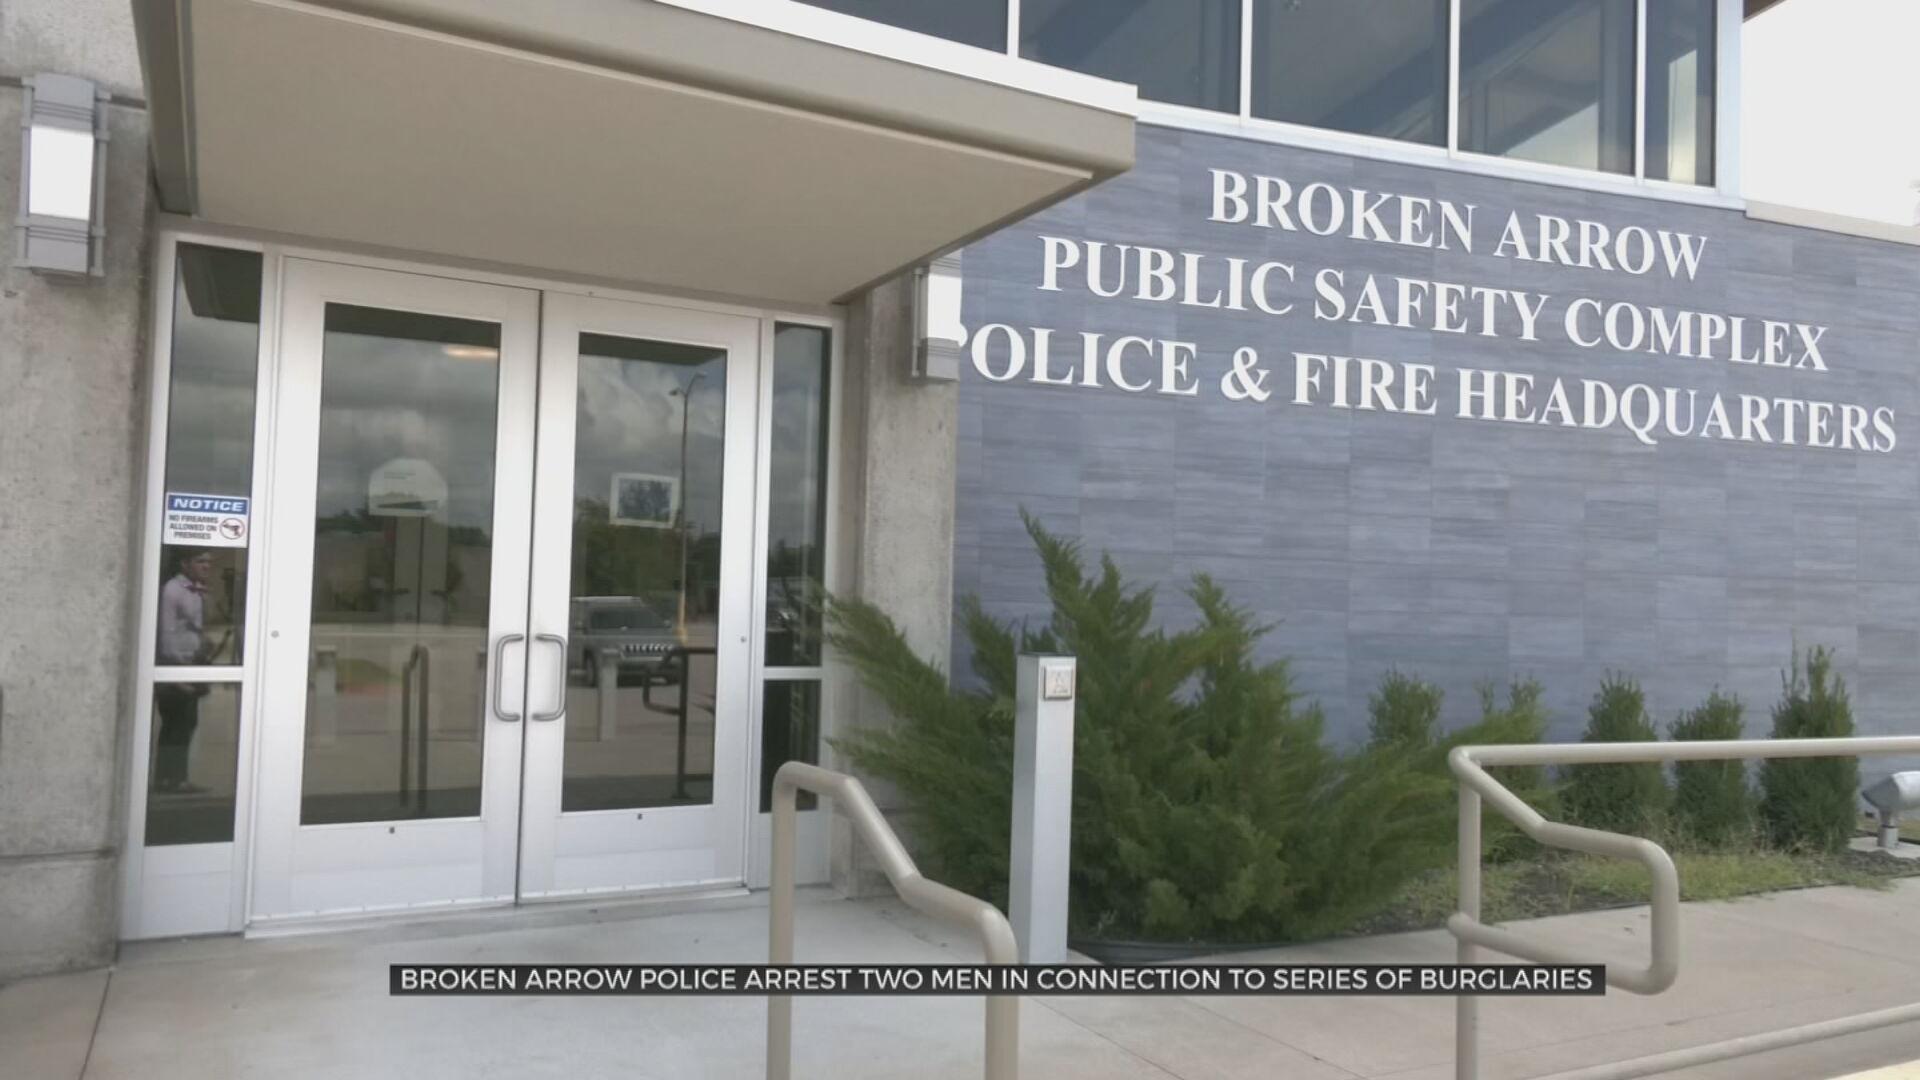 Broken Arrow Police Arrest Two Men In Connection To Series Of Burglaries